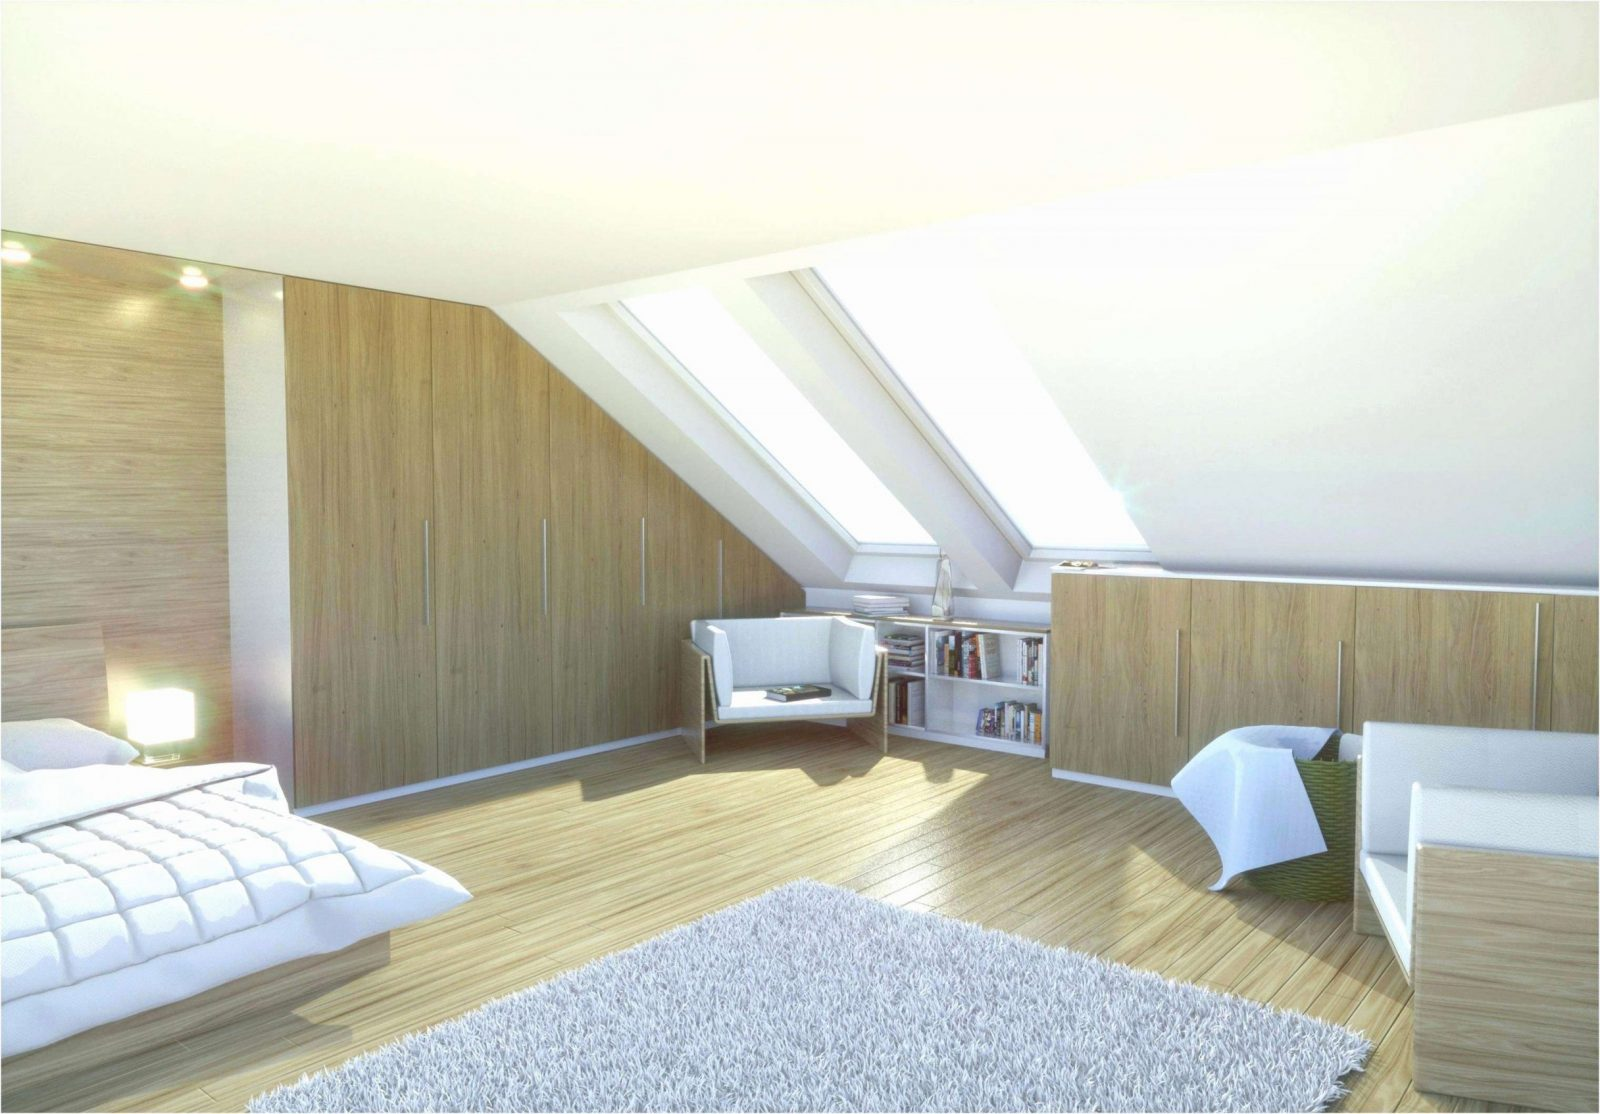 45 Schön Holzhaus Selber Bauen Stock  Vervollständigen Sie Die von Haus Komplett Selber Bauen Bild